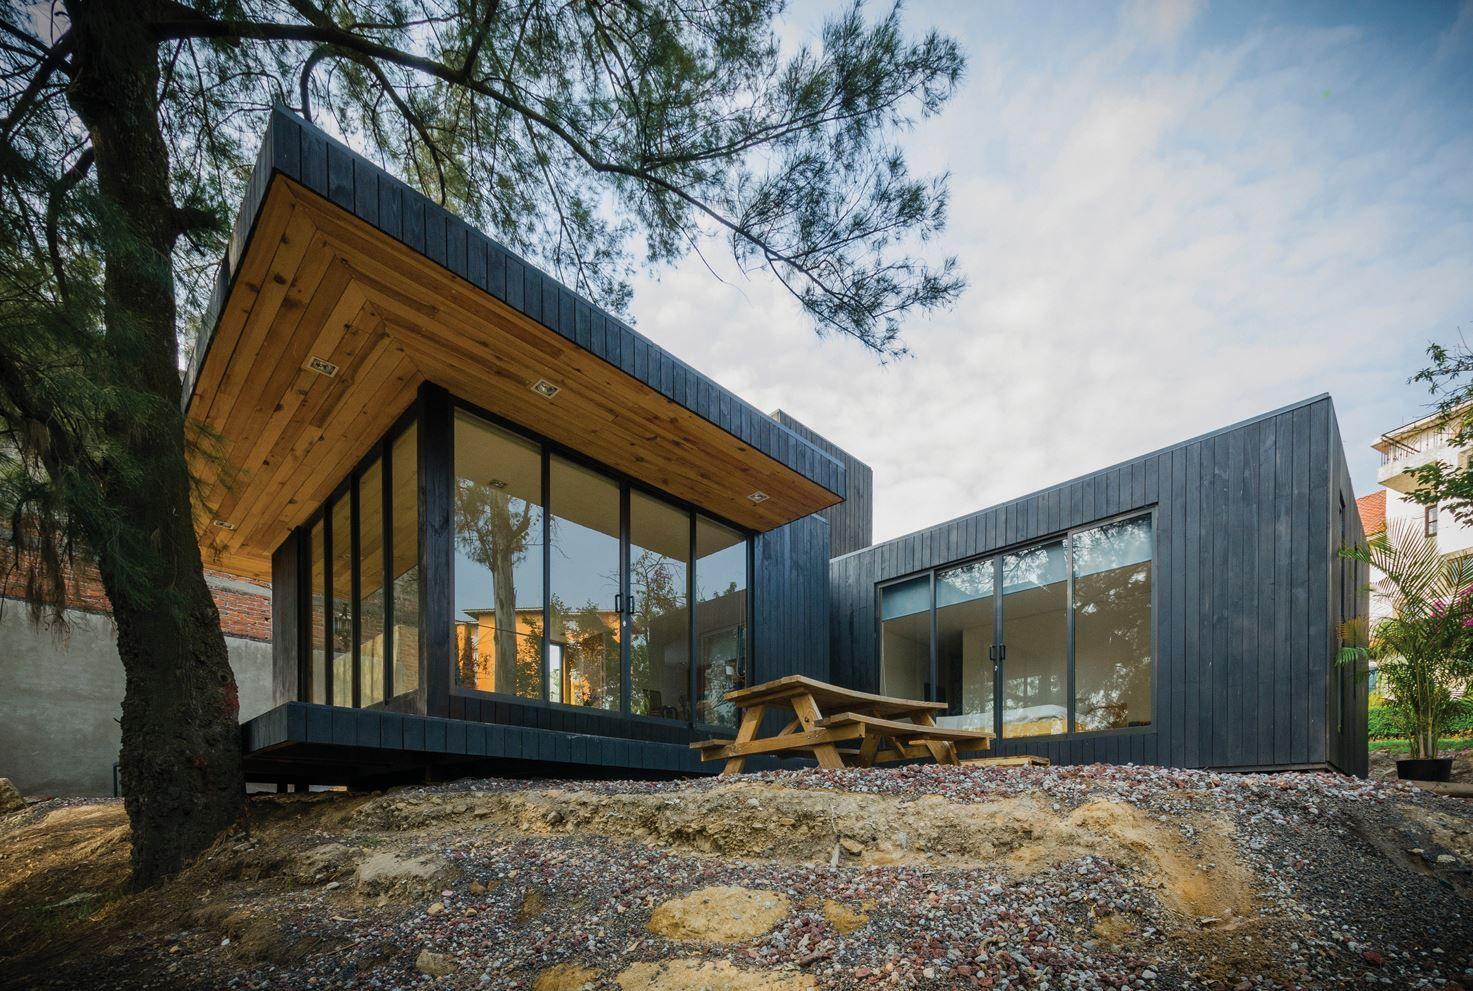 Pin von EA European Architecture auf 006 EA-SINGLE FAMILY | Pinterest